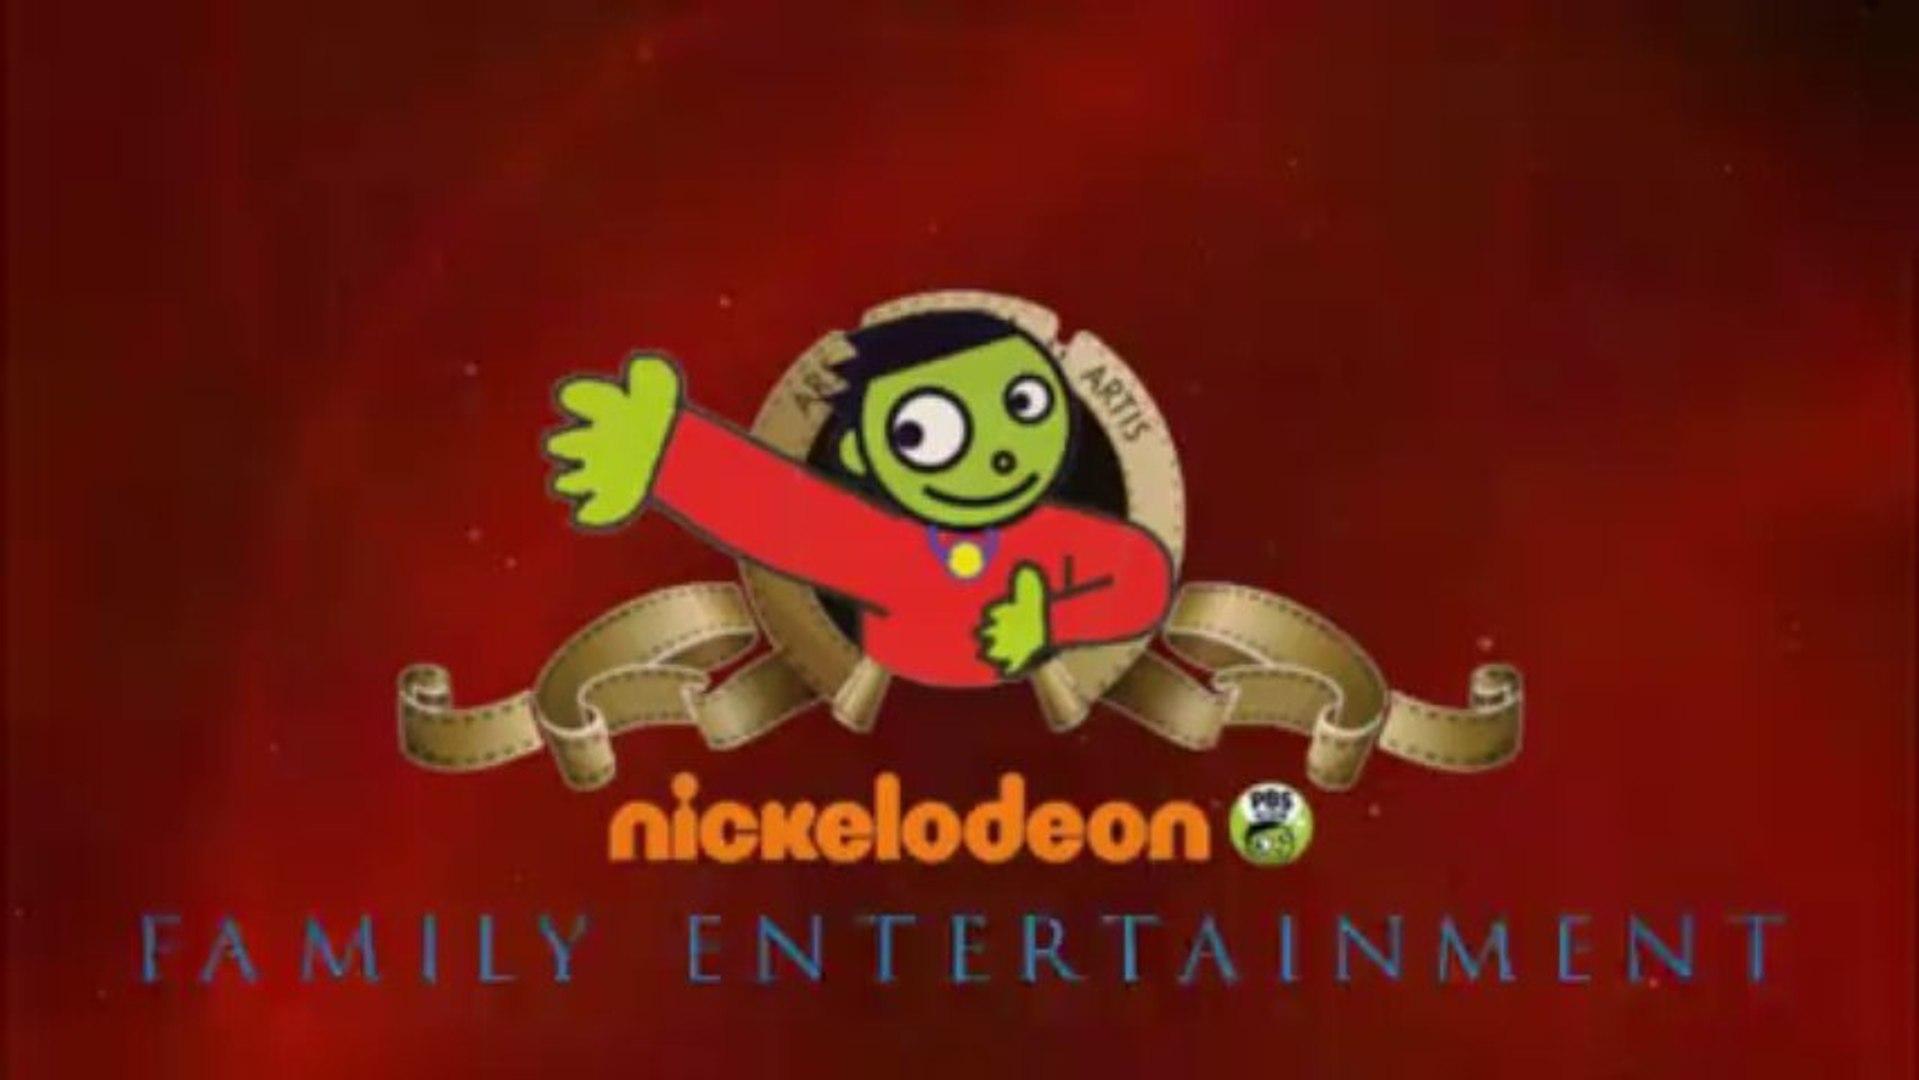 Nickelodeon/PBS Kids Family Entertainment logo (2013)